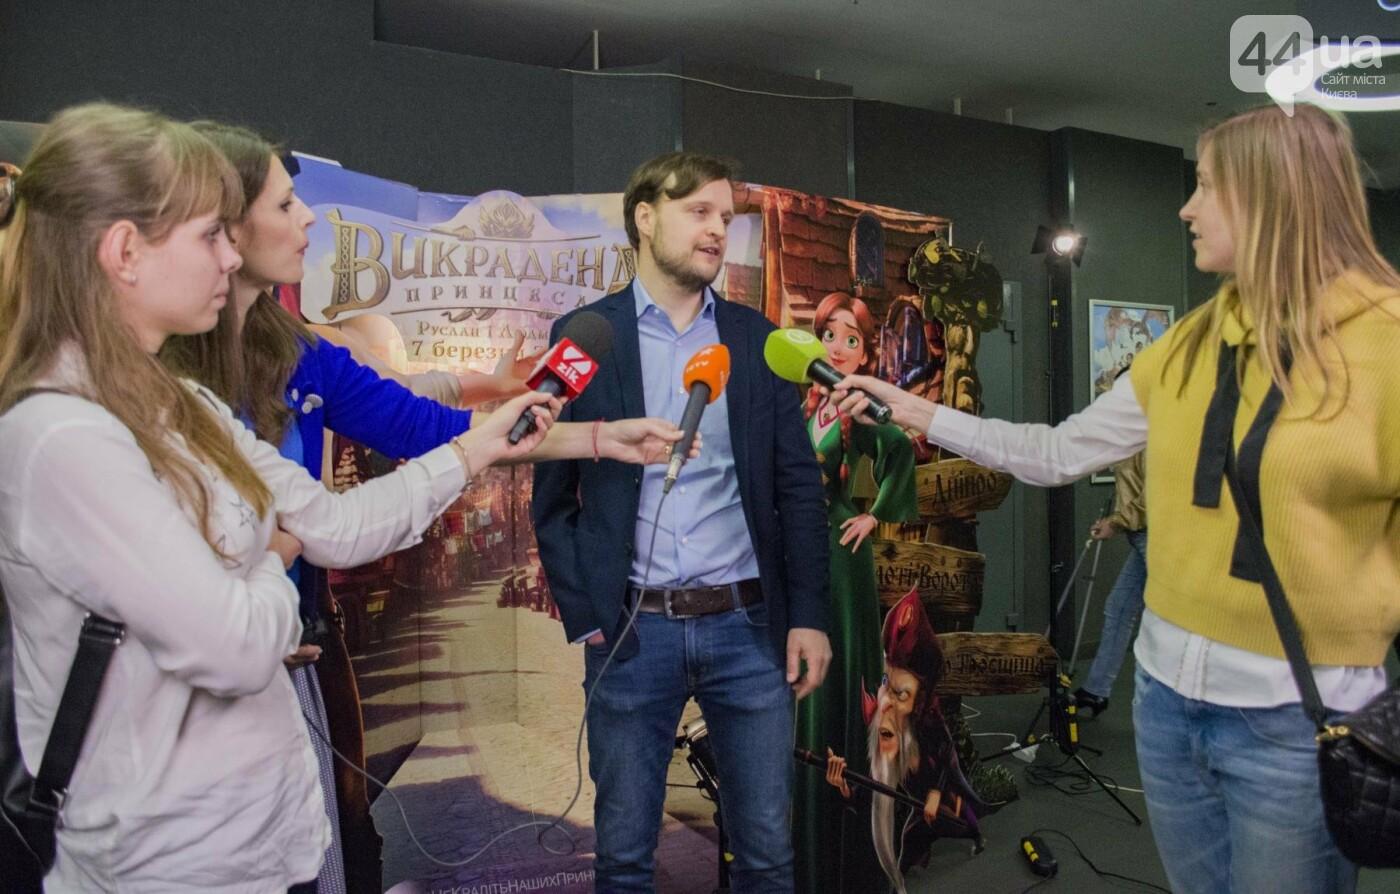 Время и Стекло, Притула и Вирастюк: в Киеве с успехом прошла гала-премьера отечественного мультфильма, фото-2